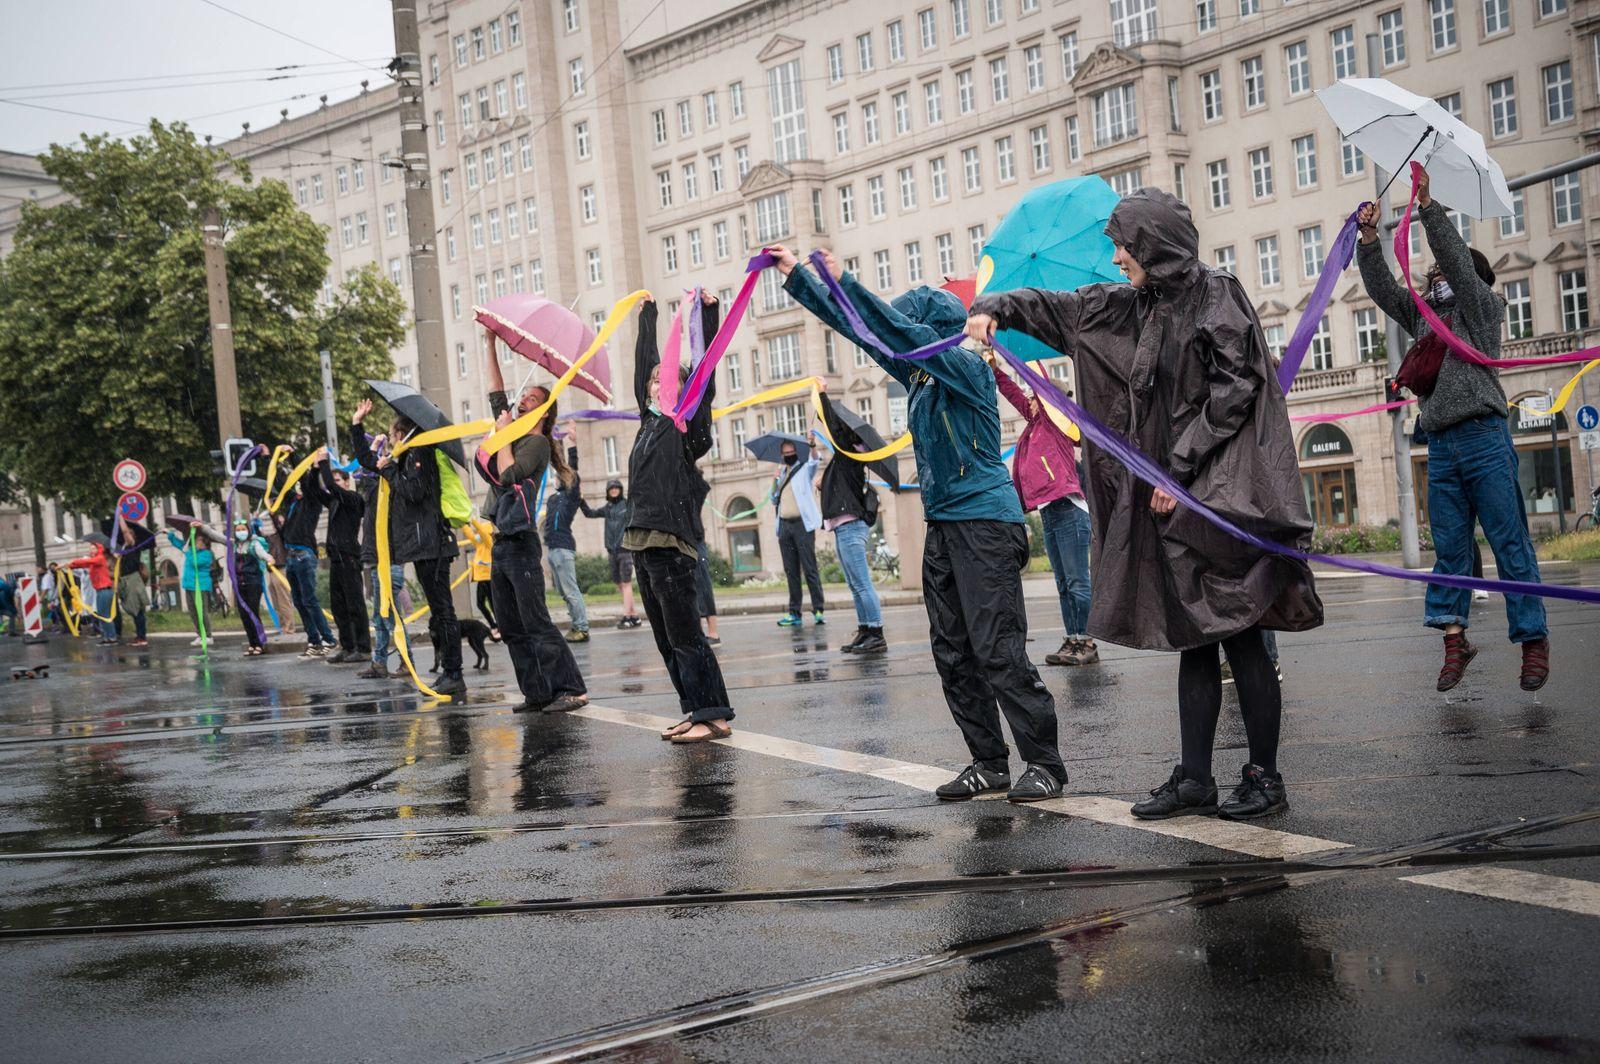 Unteilbar Proteste in Leipzig Unter dem Motto: SoGehtSolidarisch fanden Bundesweit in verschiedenen Städten Proteste st